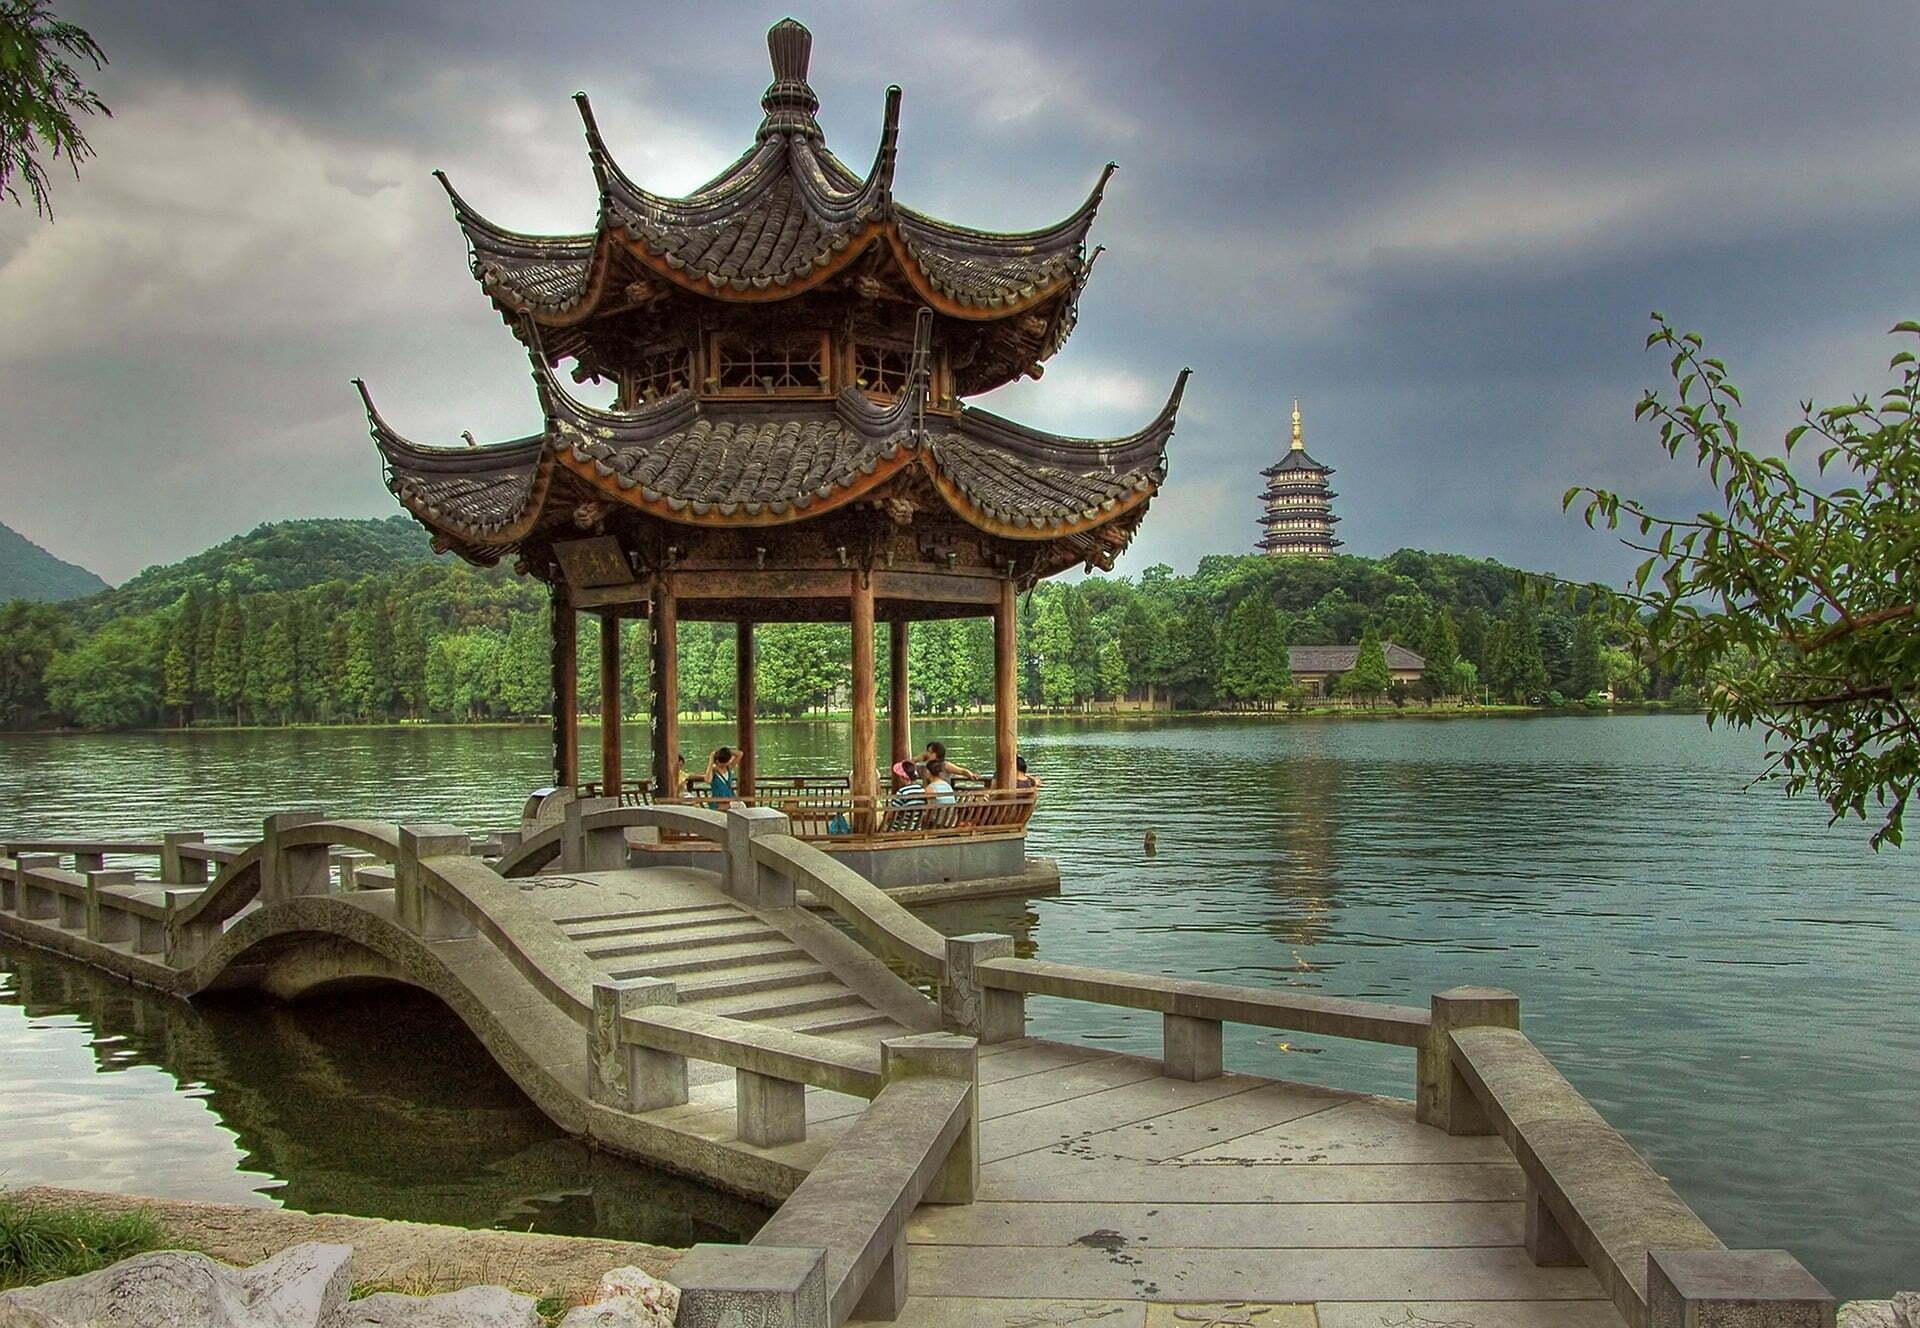 รูปภาพ : เที่ยวจีน หางโจว